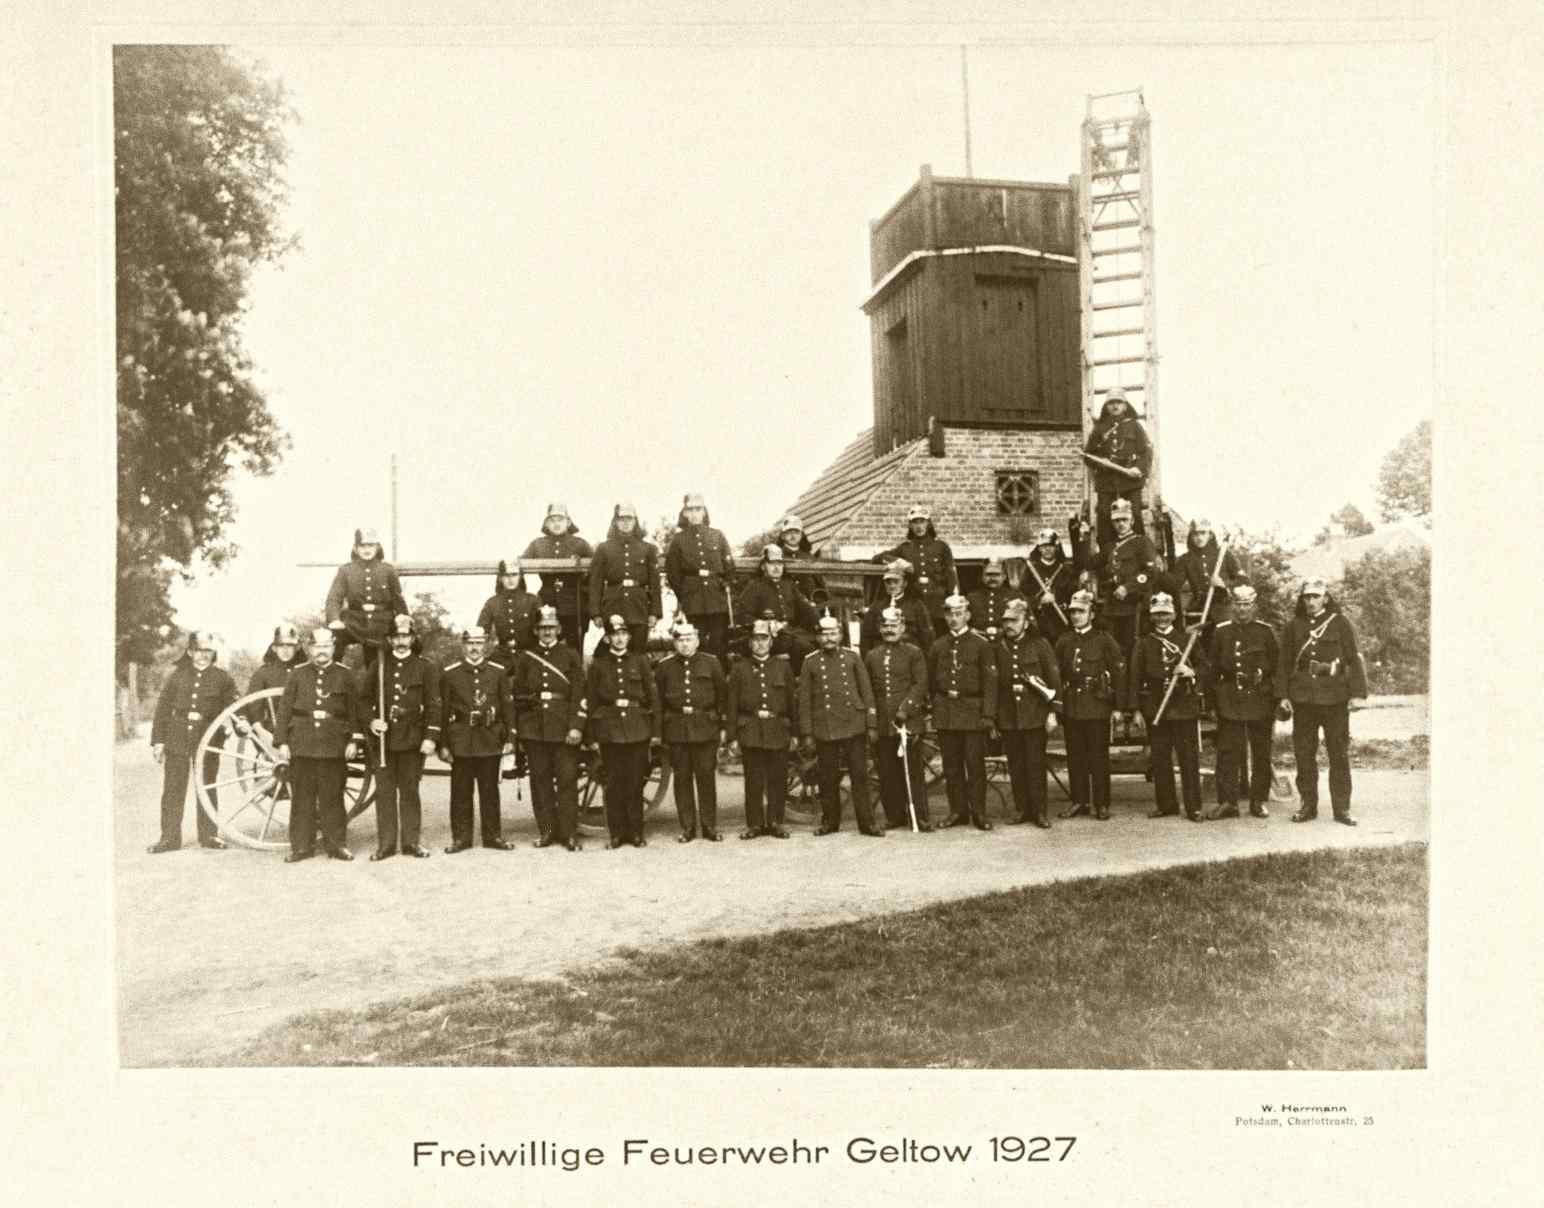 Gruppenfoto der Feuerwehr Geltow 1927.